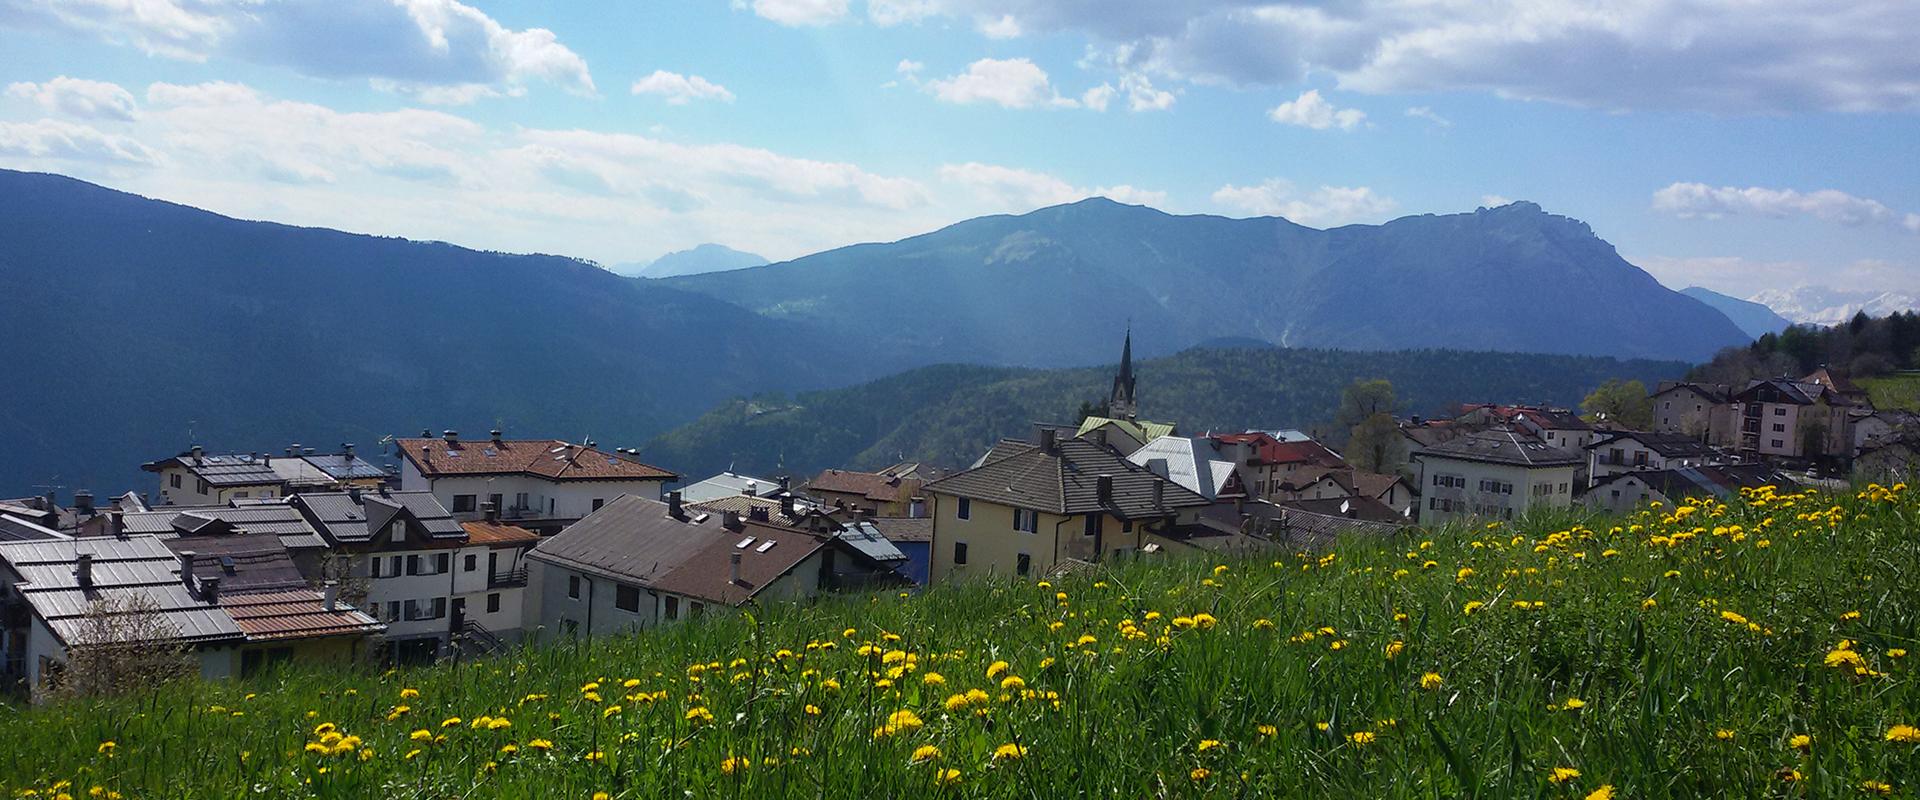 Luserna | Trentino